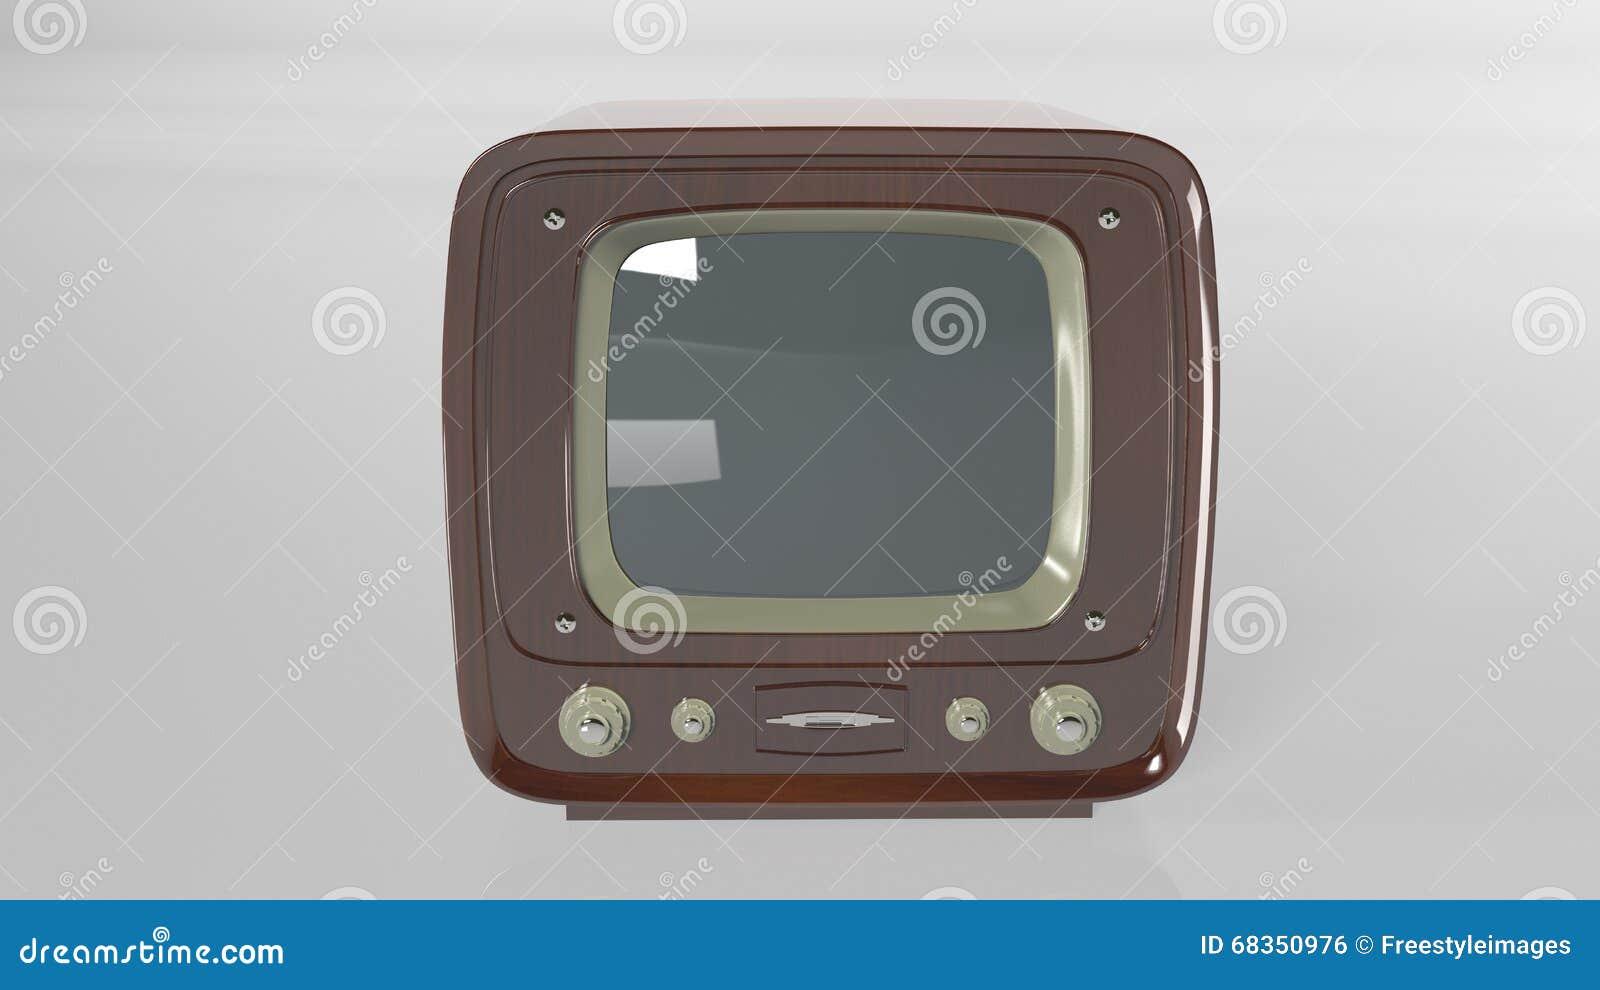 Vintage Television, Retro TV Set On White, Front View Stock Photo ...